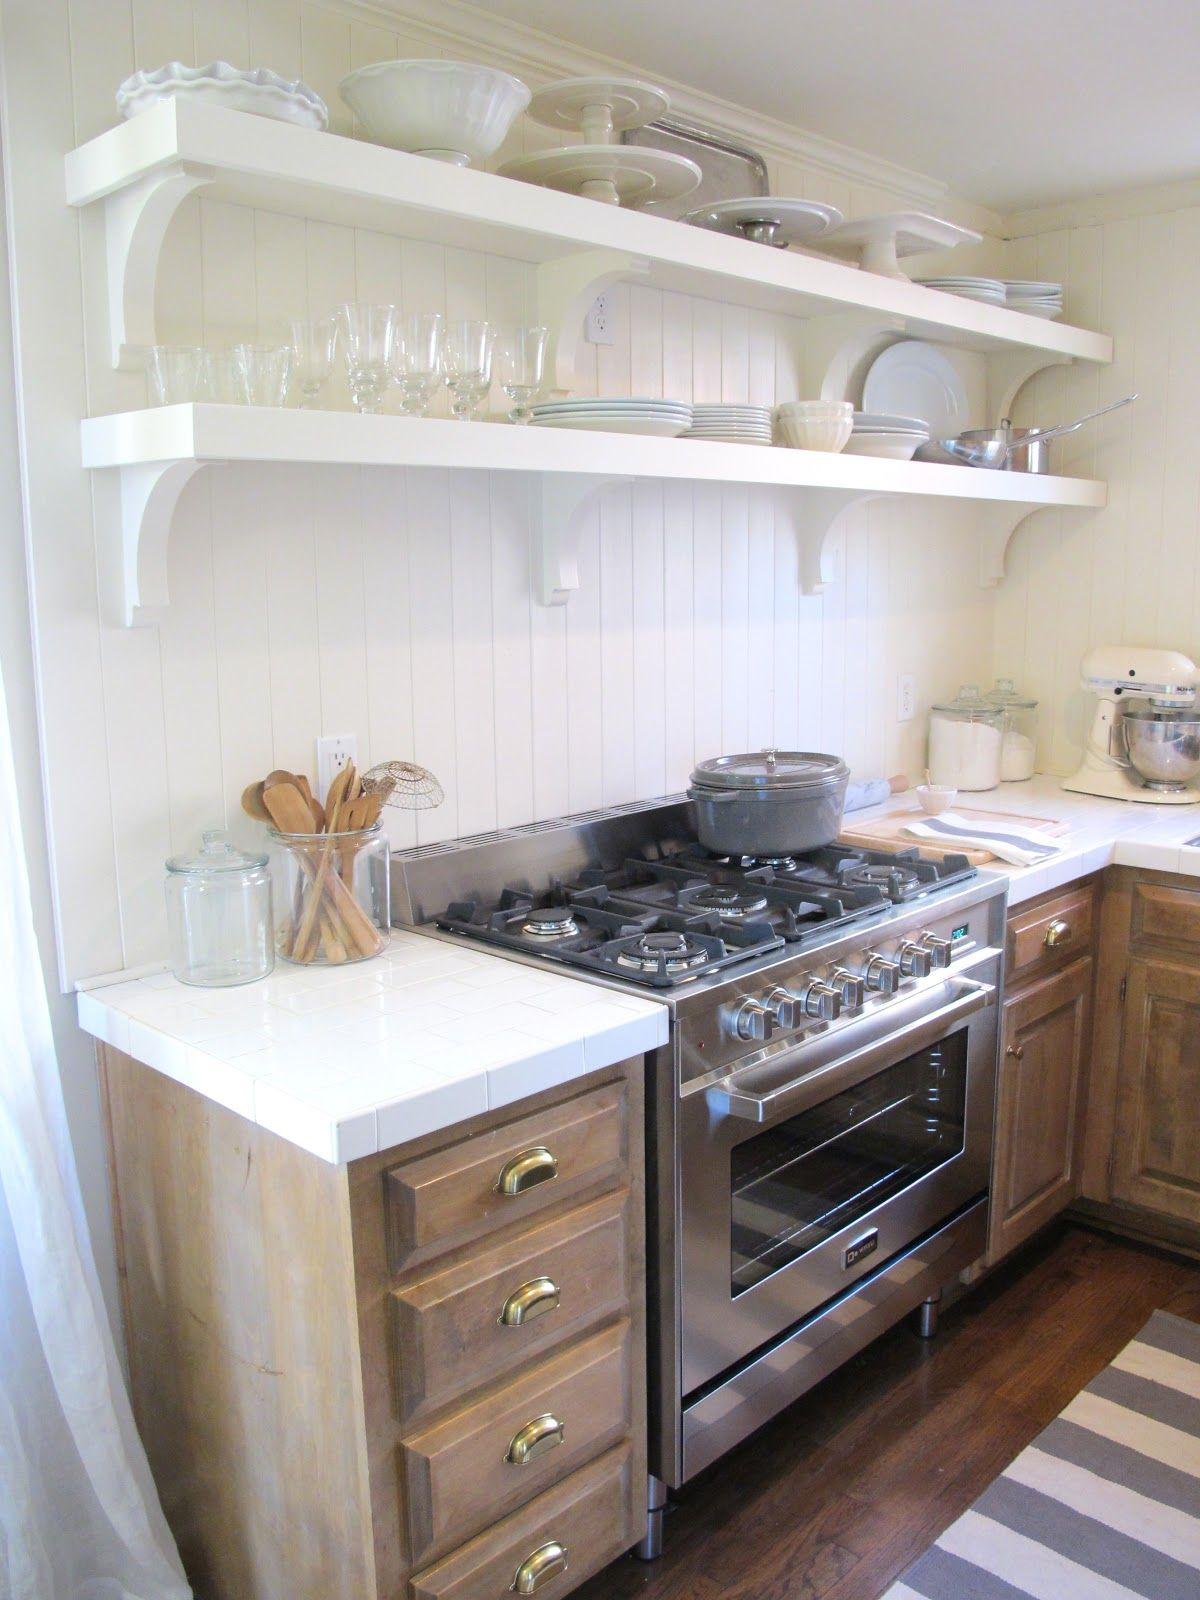 Home Depot Kitchen Remodel Calculator Home Depot Kitchen Remodel